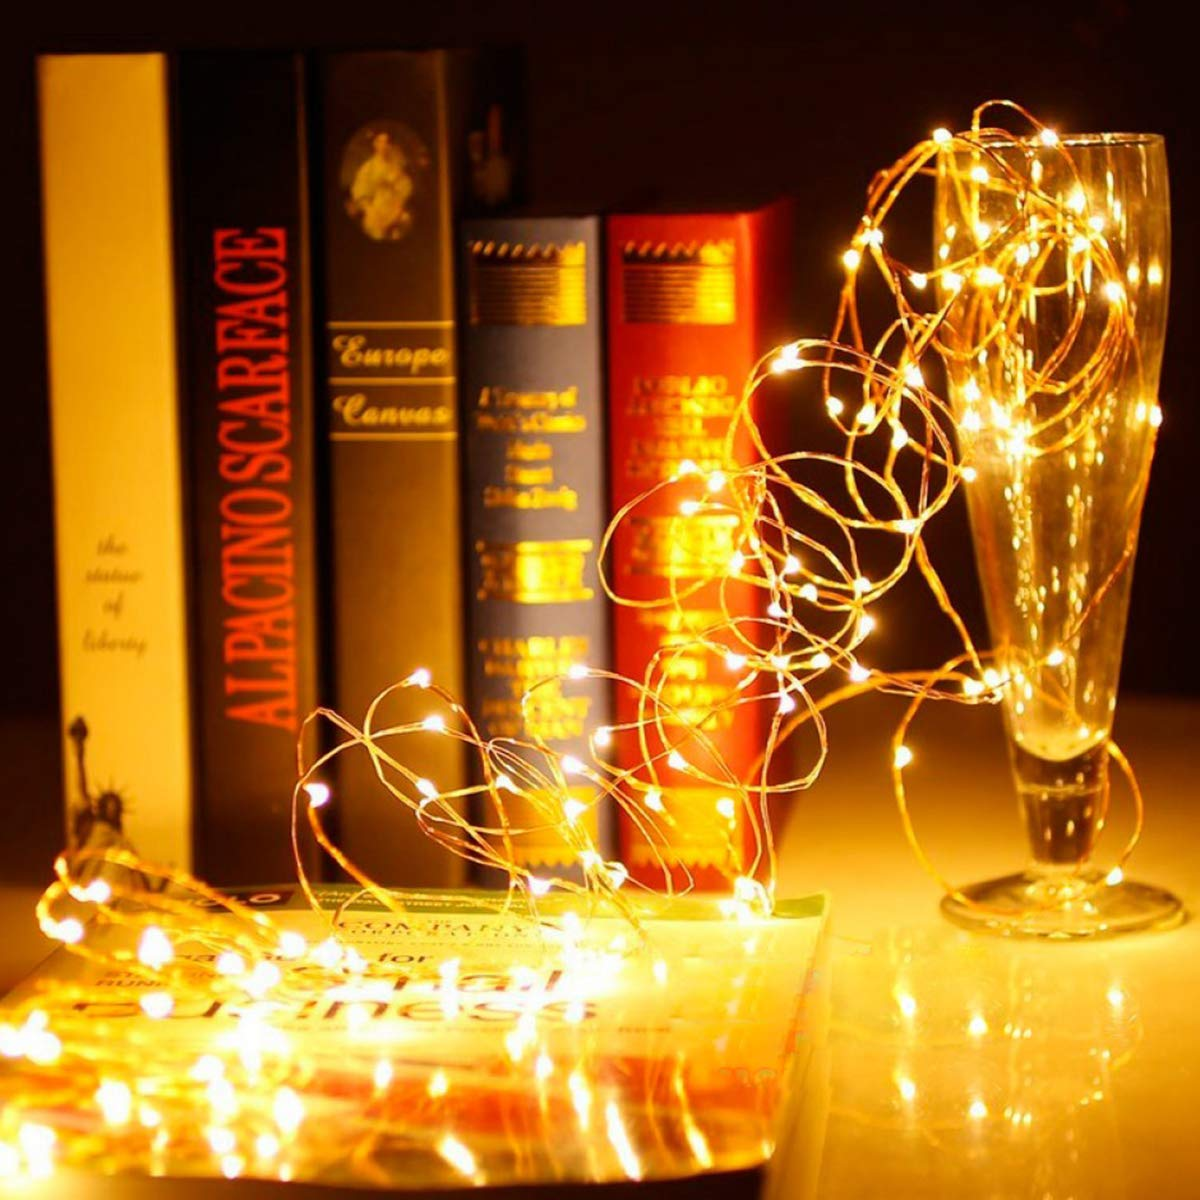 Lichterkette au/ßen strom warmwei/ß f/ür balkon Hochzeit Weihnachtsbaum Lichterkette Strombetrieben B-right 20M 200 LED Kupferdraht Lichterketten mit Stecker und Fernbedienung Lichterkette f/ür Zimmer